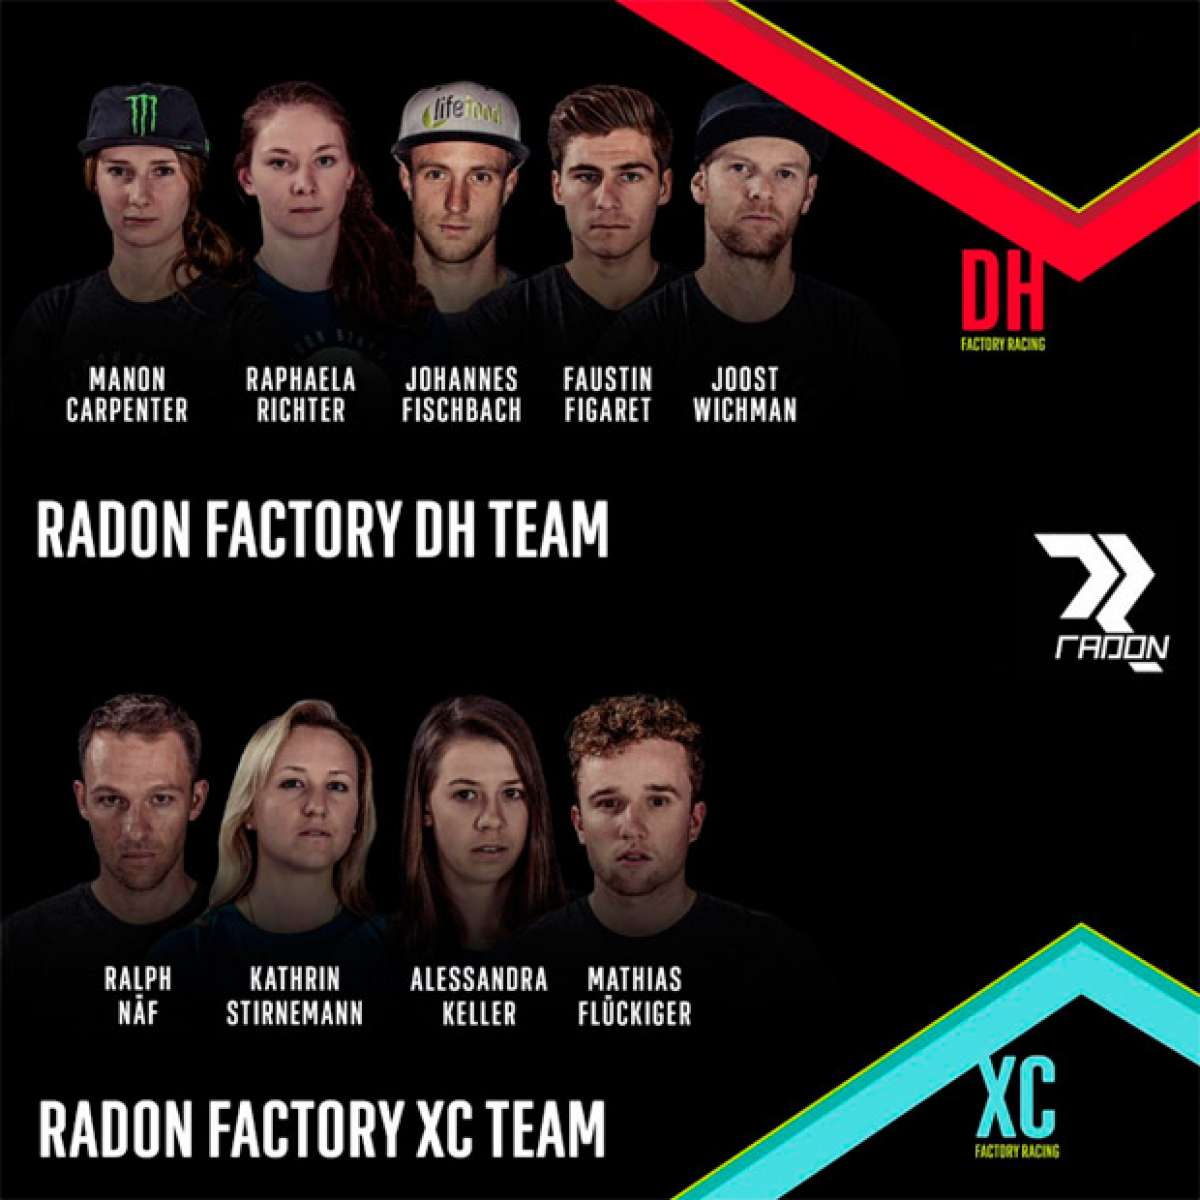 Manon Carpenter y Mathias Flückiger, las nuevas estrellas de los Radon Factory Teams de DH y XC